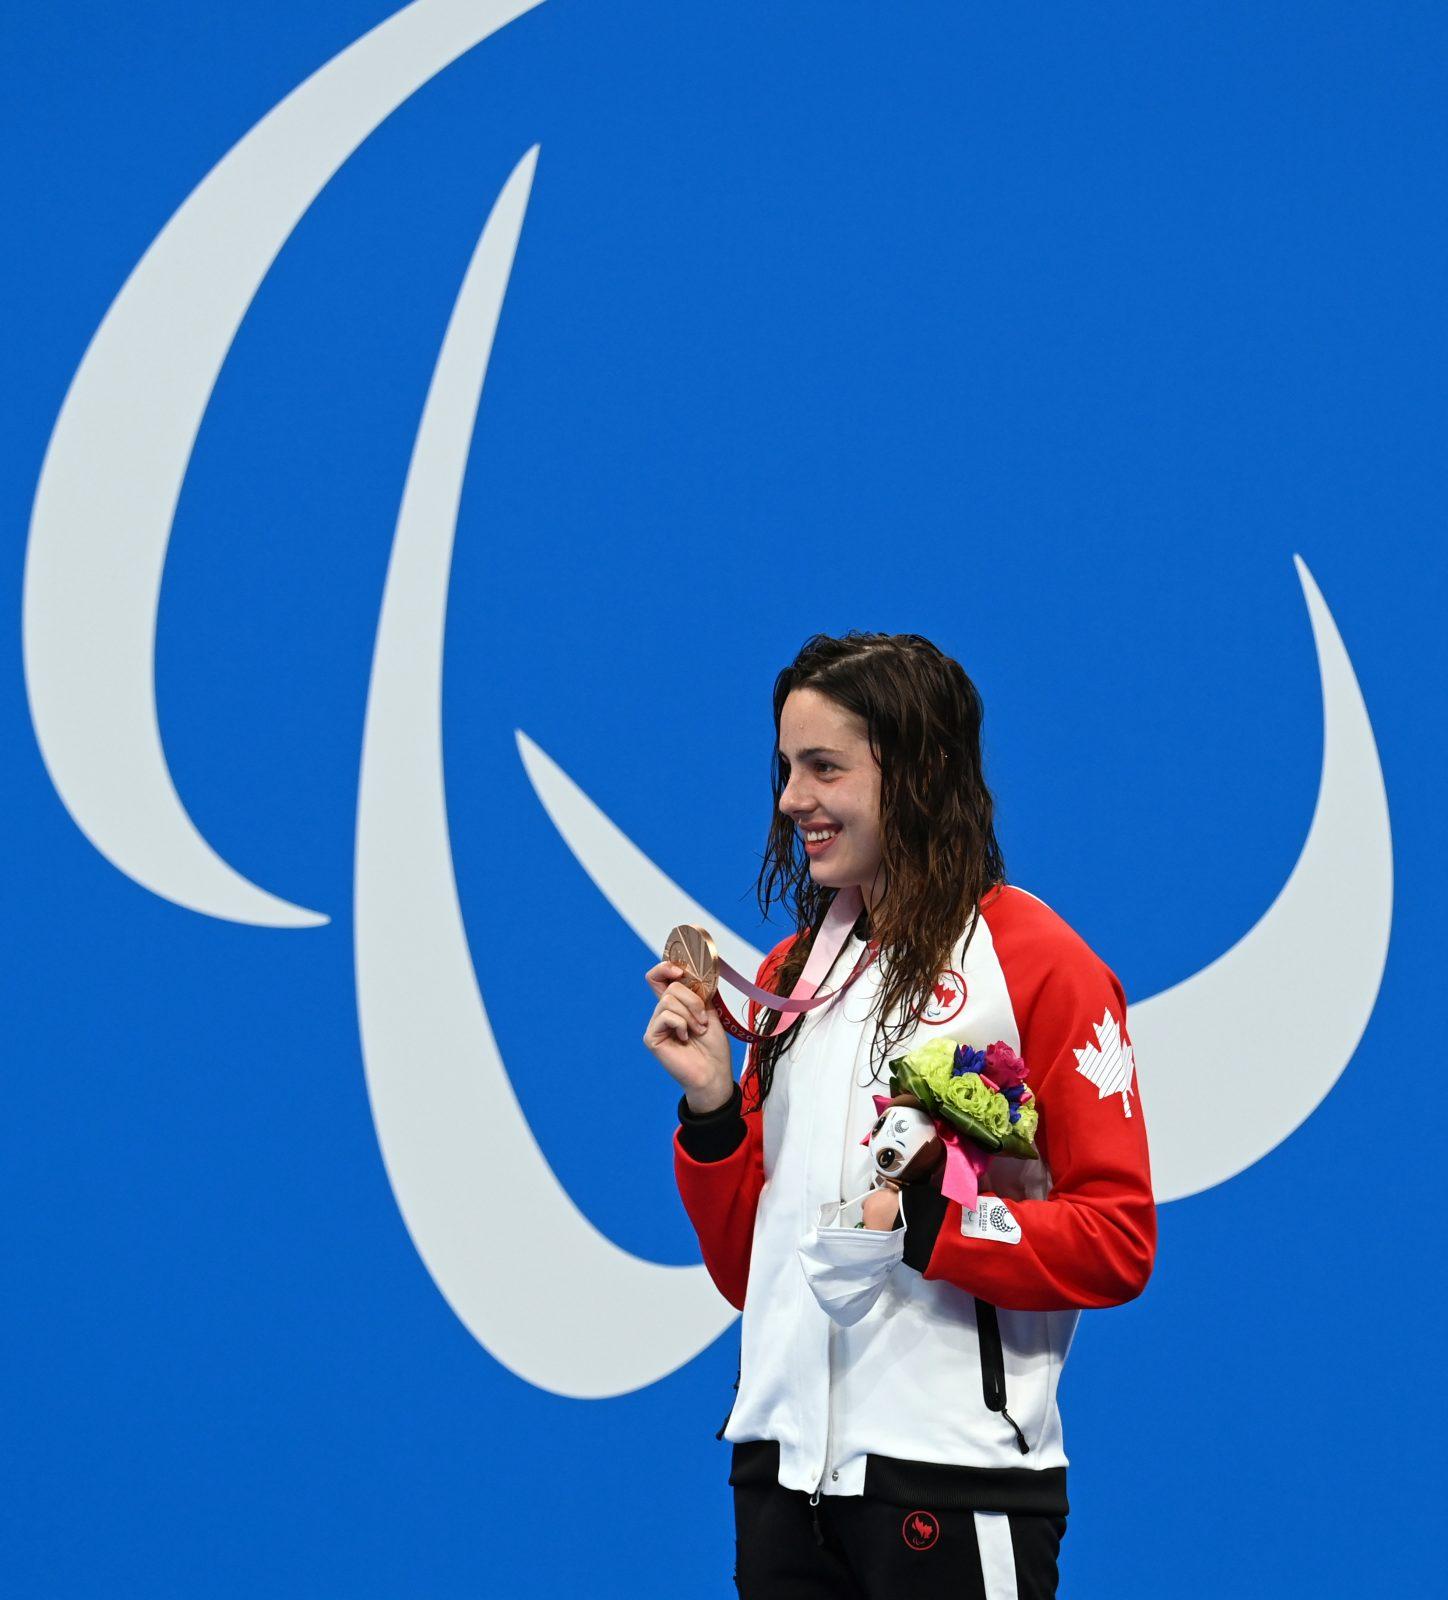 Une première médaille pour Aurélie Rivard